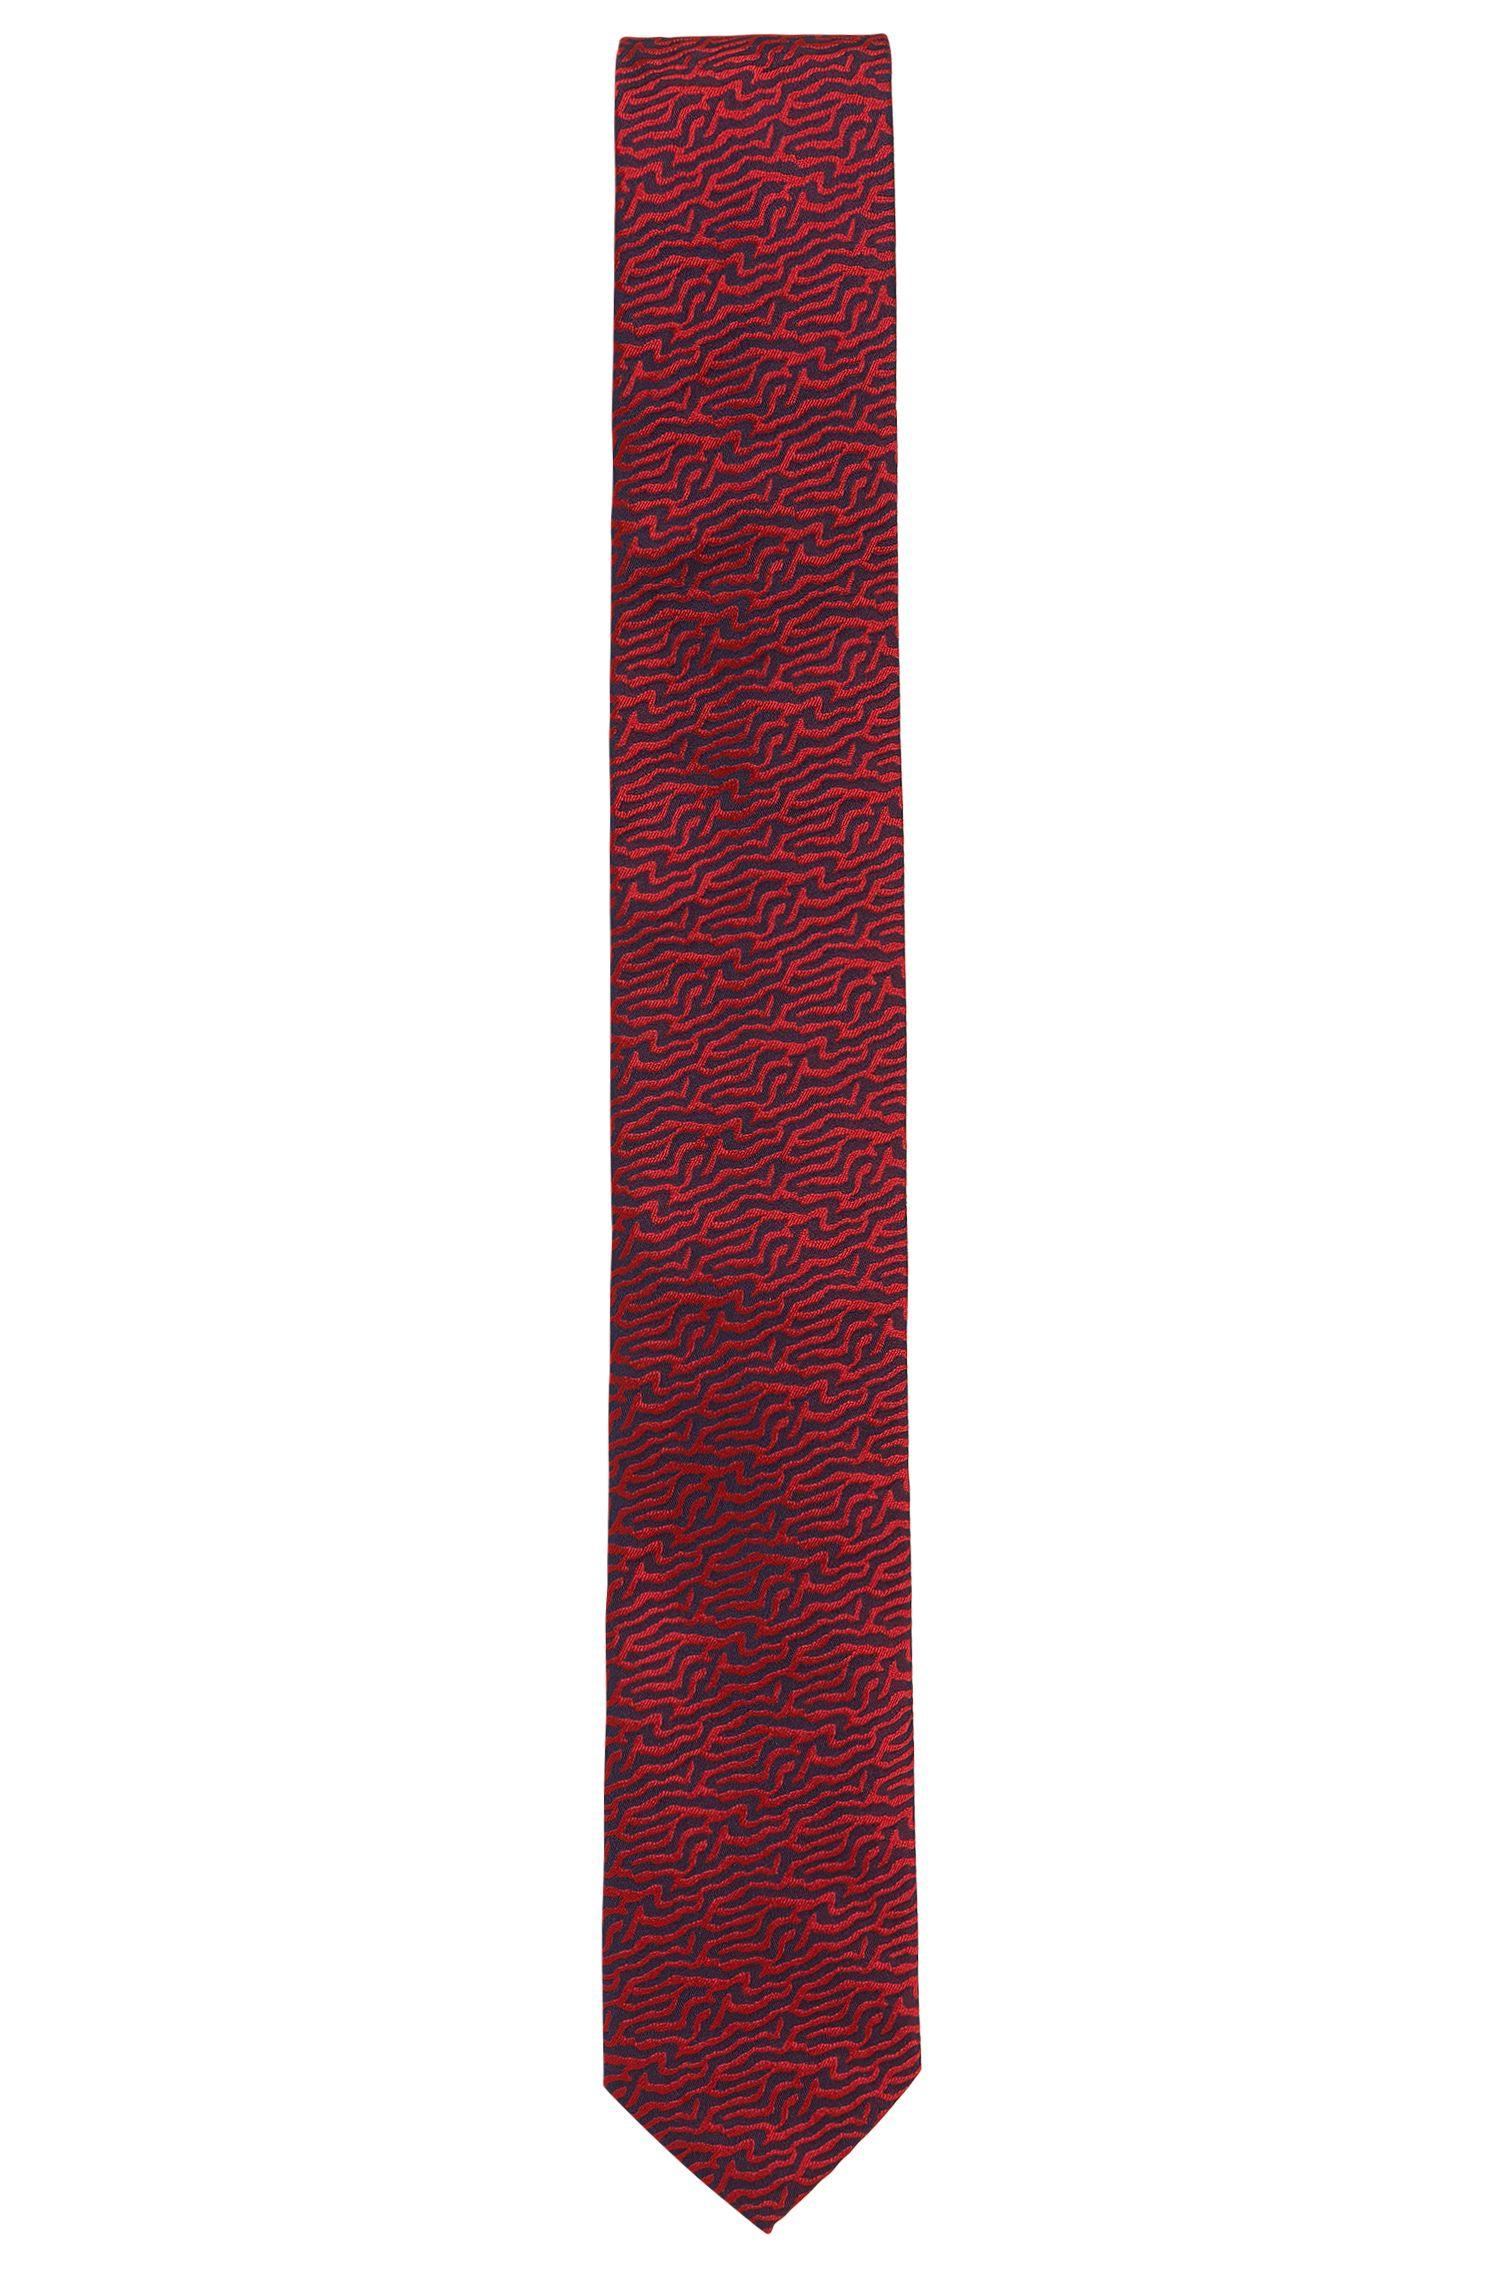 'Tie cm 6'   Slim, Silk Embroidered Tie